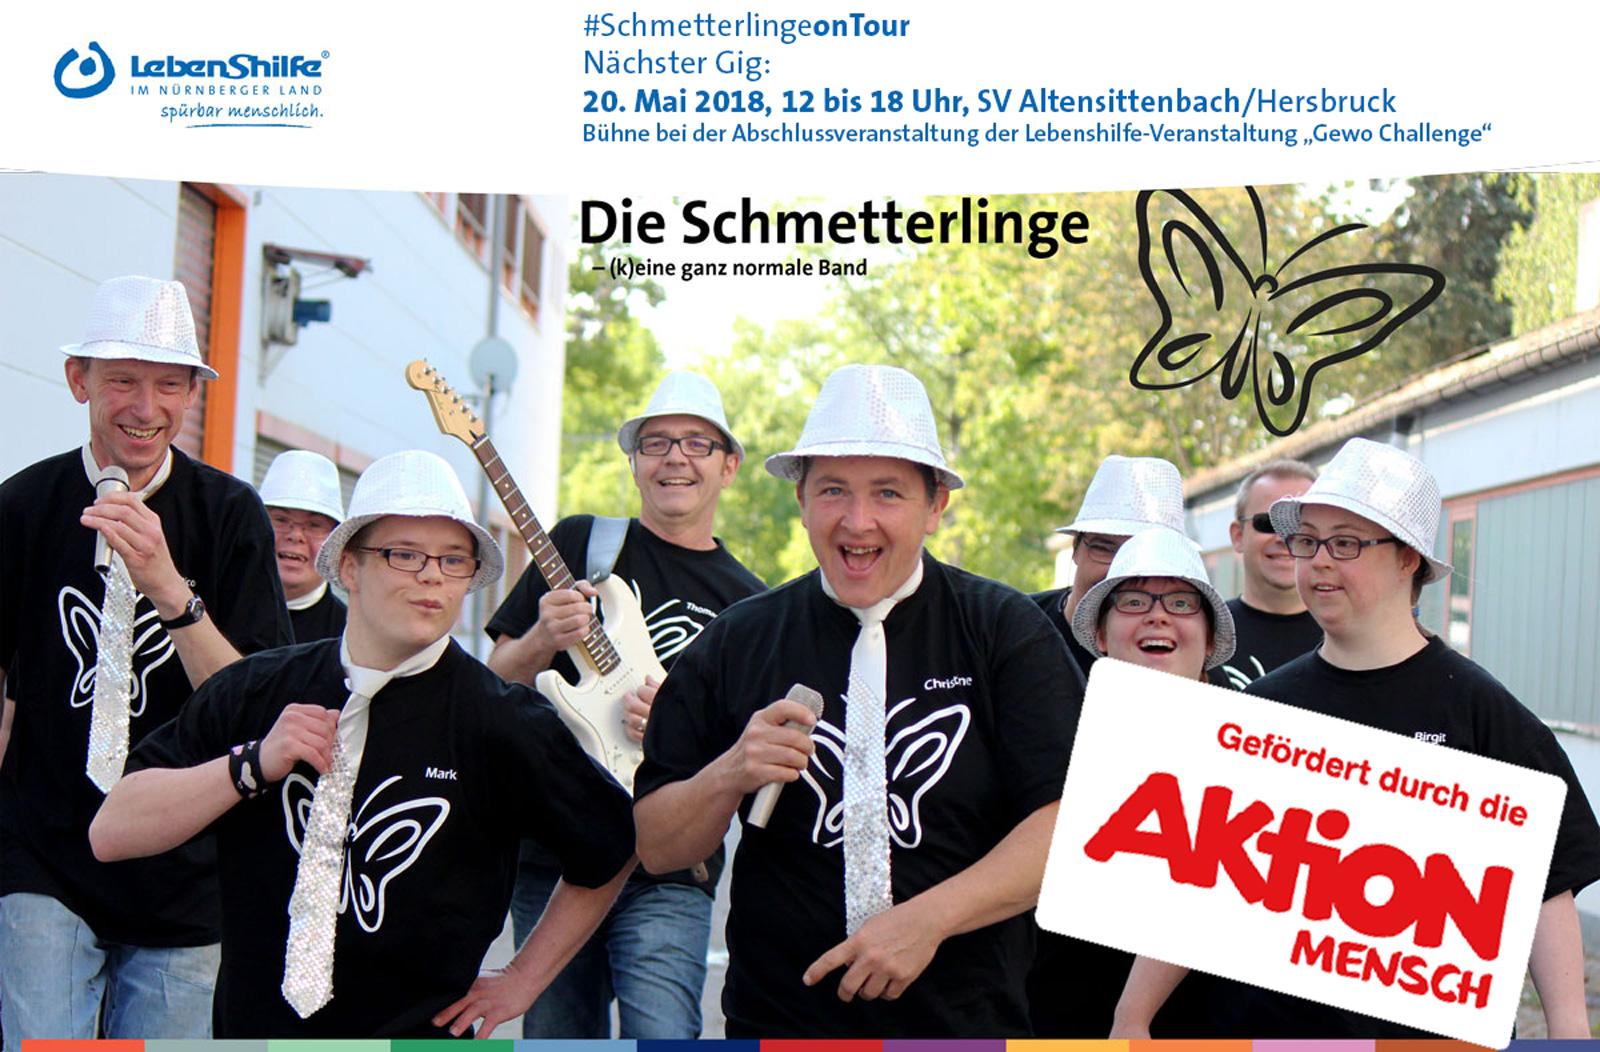 Inklusion zum Hören: Die Inklusionsband Schmetterlinge spielt bei der Abschlussveranstaltung Gewo-Challenge, 20.5. in Hersbruck.